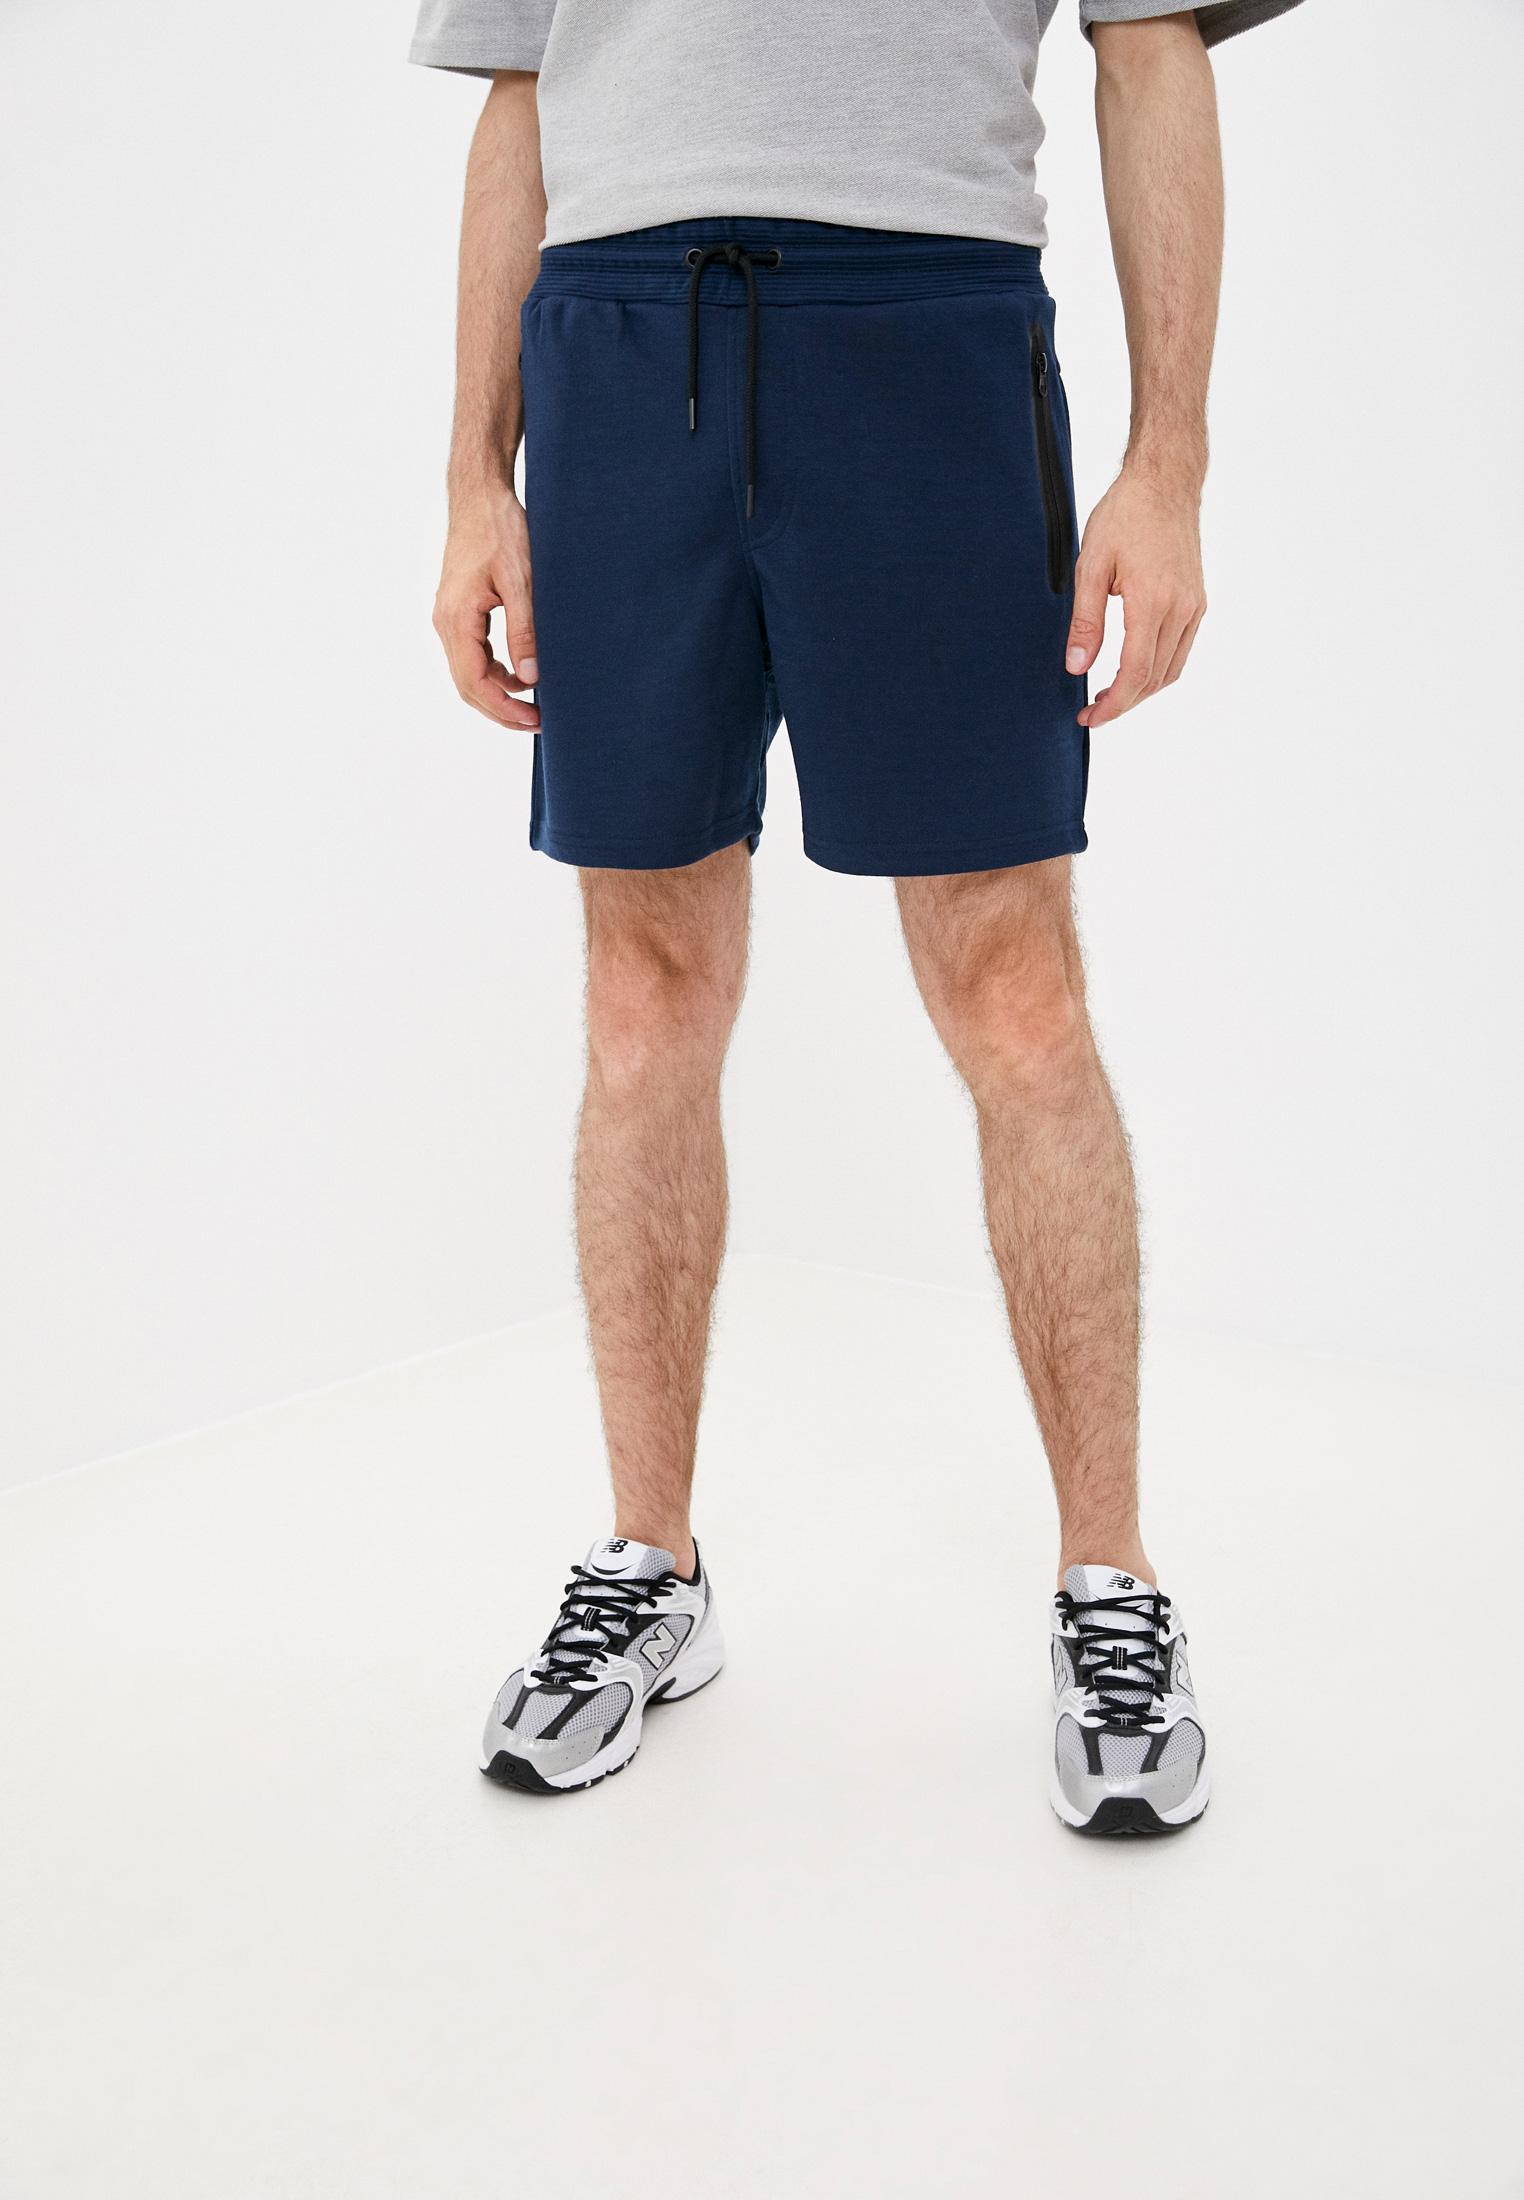 Мужские повседневные шорты Tiffosi Шорты спортивные Tiffosi